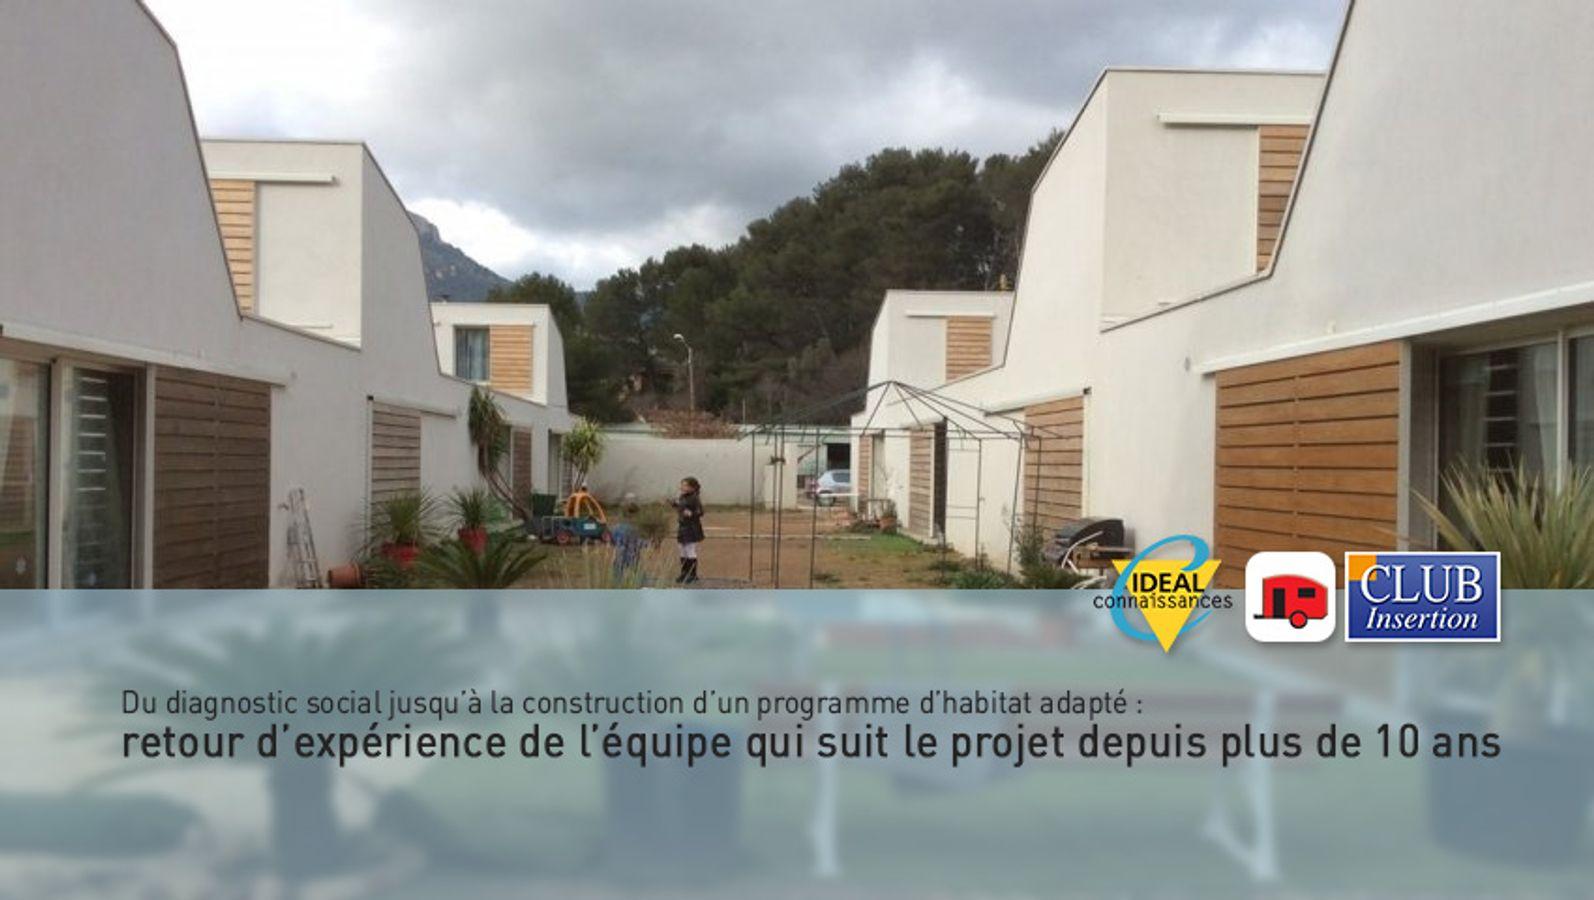 Du diagnostic social jusqu'à la construction d'un programme d'habitat adapté : retour d'expérience de l'équipe qui suit le projet depuis plus de 10 ans.